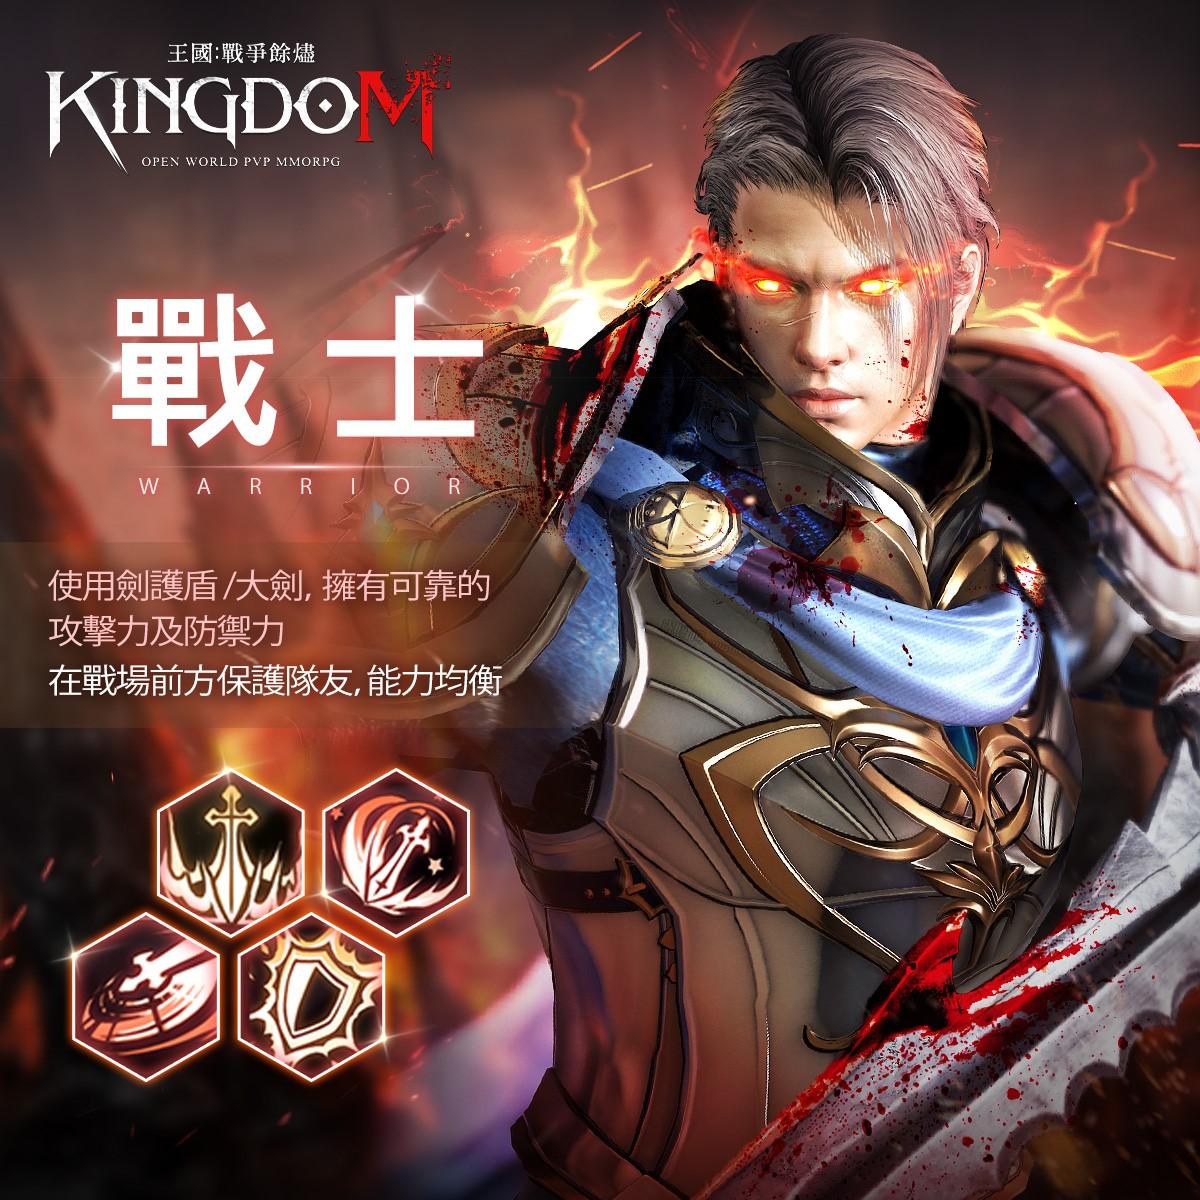 《王國 Kingdom:戰爭餘燼》一言不合就開紅,PVP遊戲震撼上線!